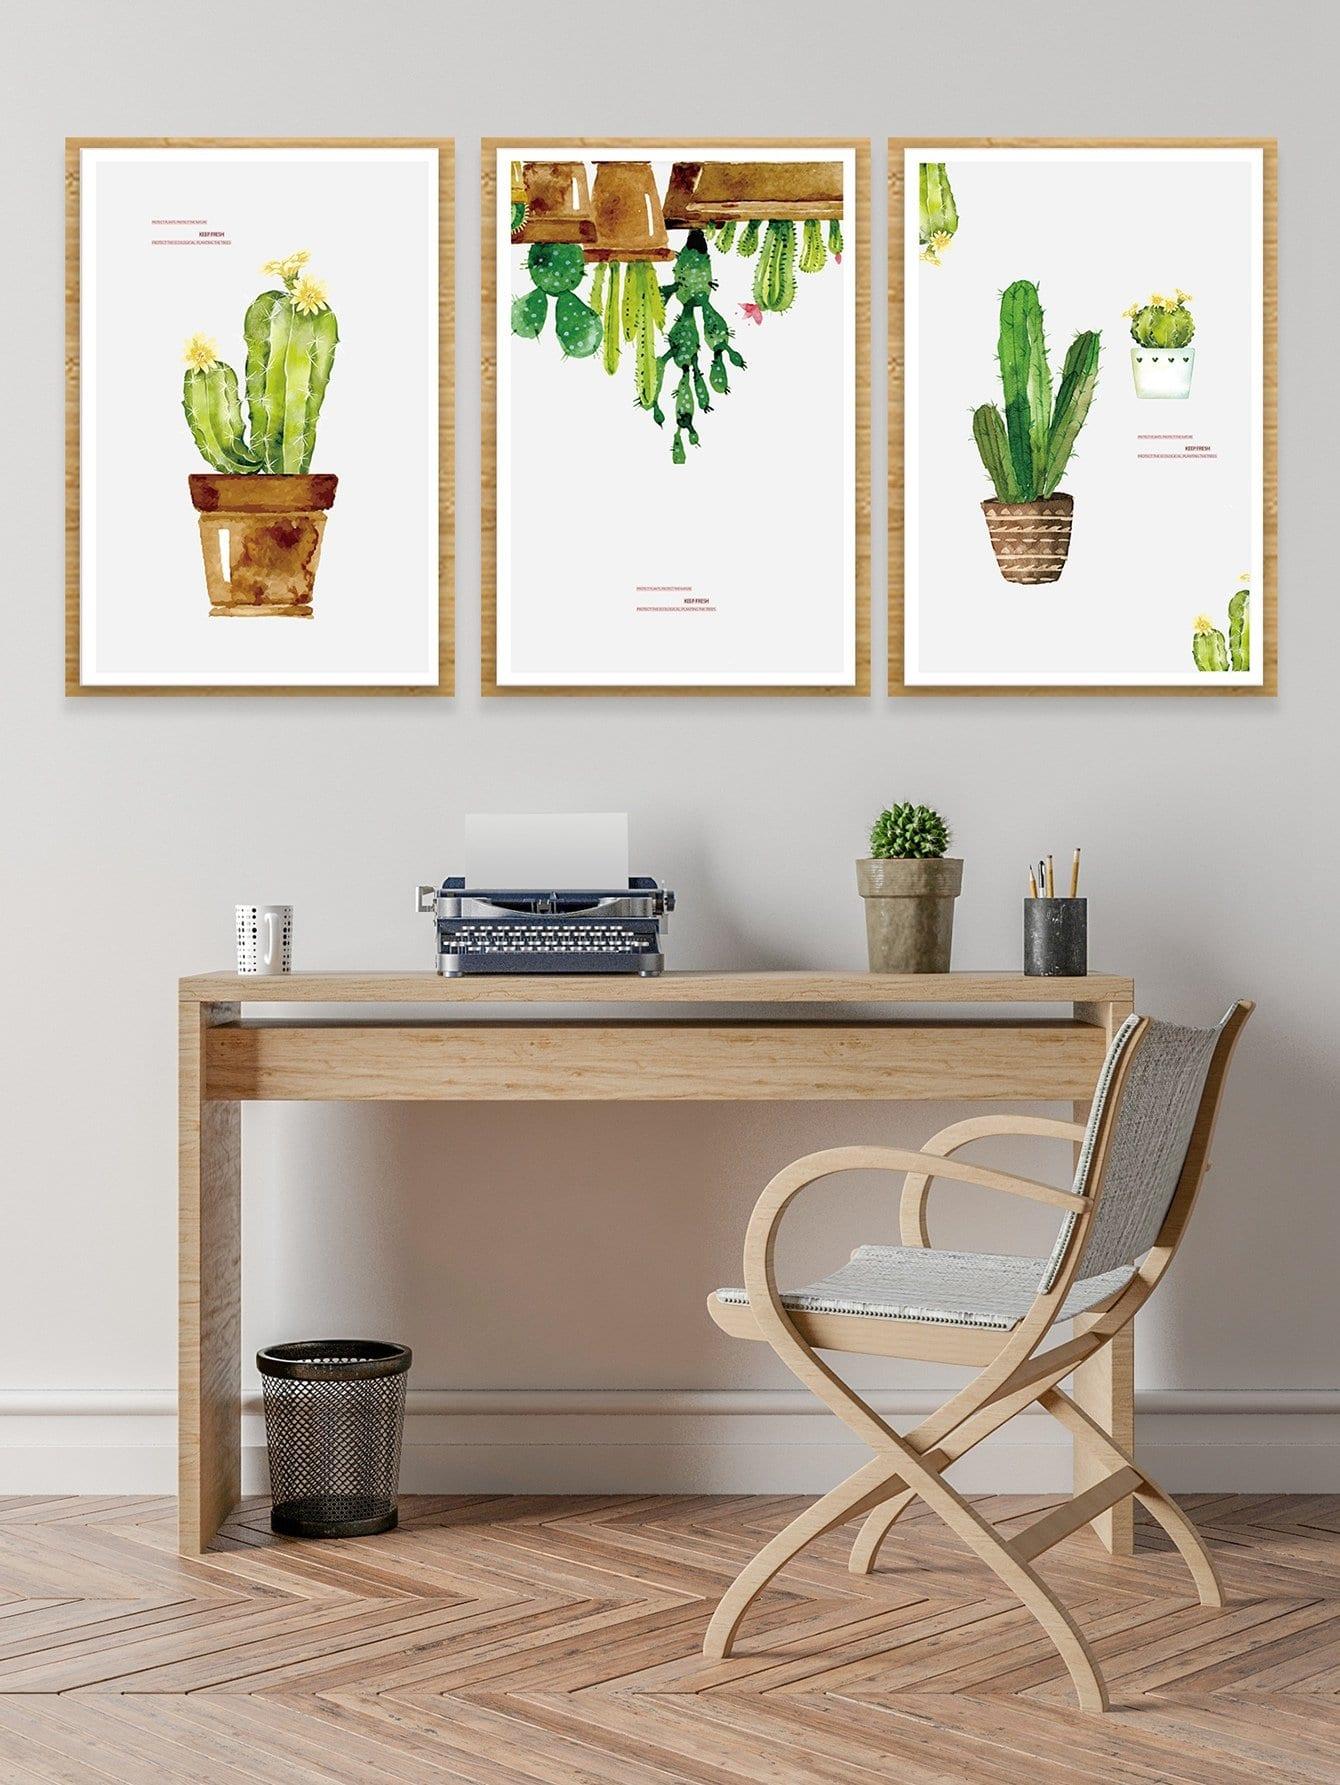 Купить Настенная фотография с рисунками кактусов 3 шт, null, SheIn